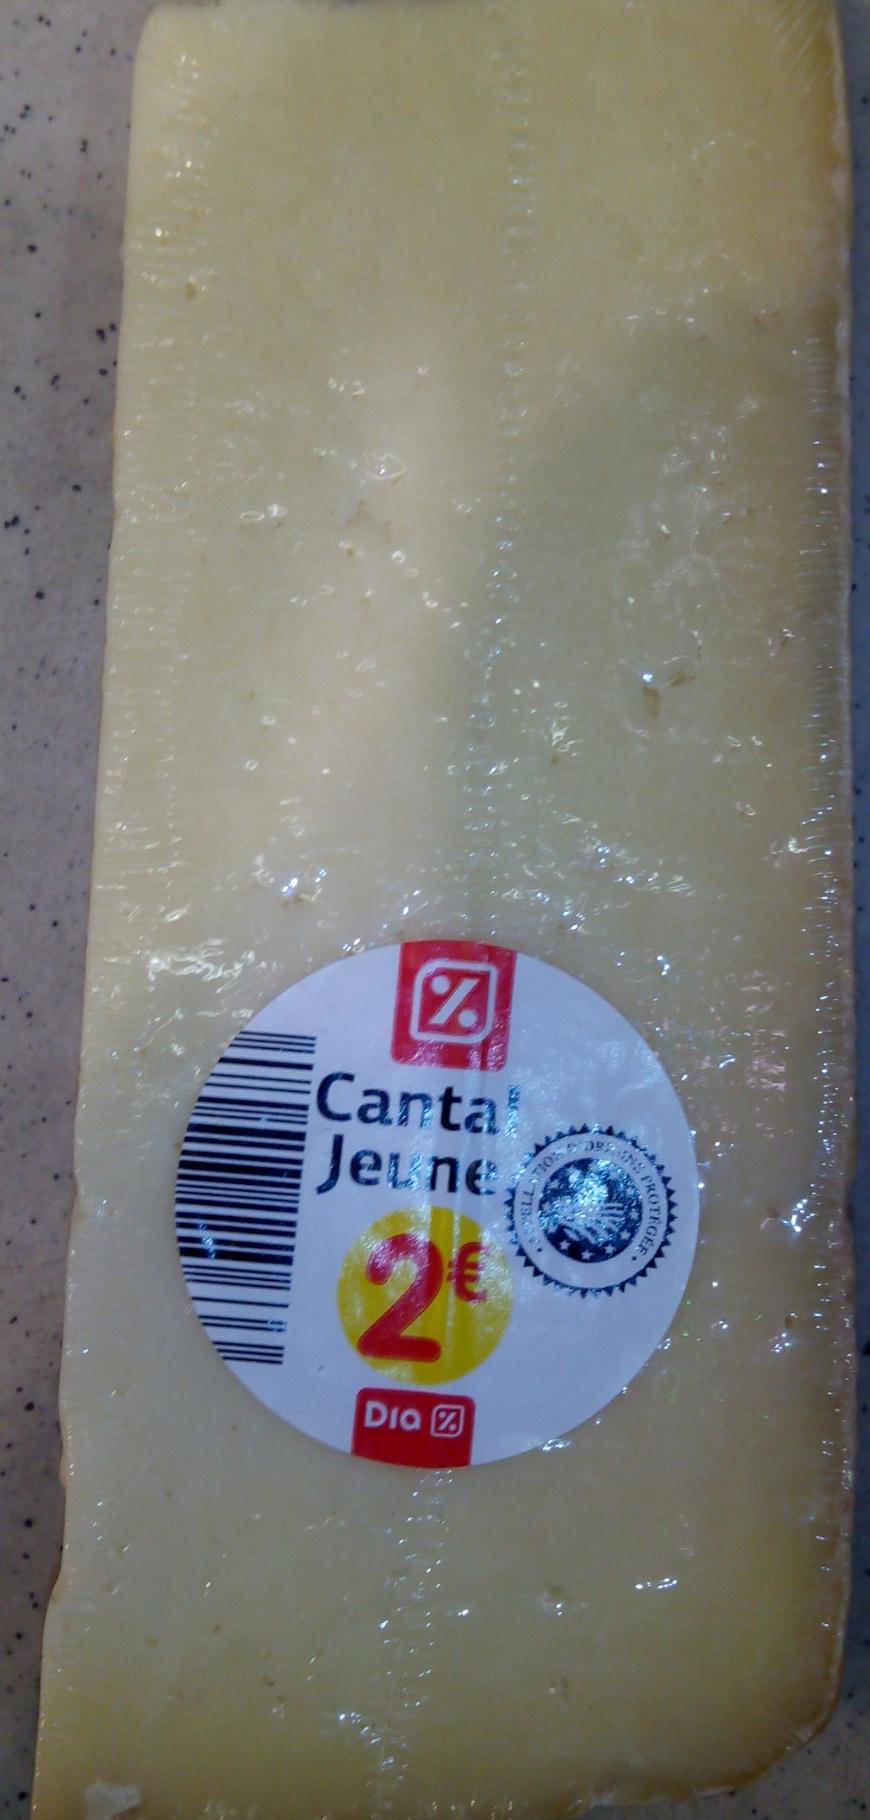 Cantal Jeune AOP (30 % MG) - Product - fr